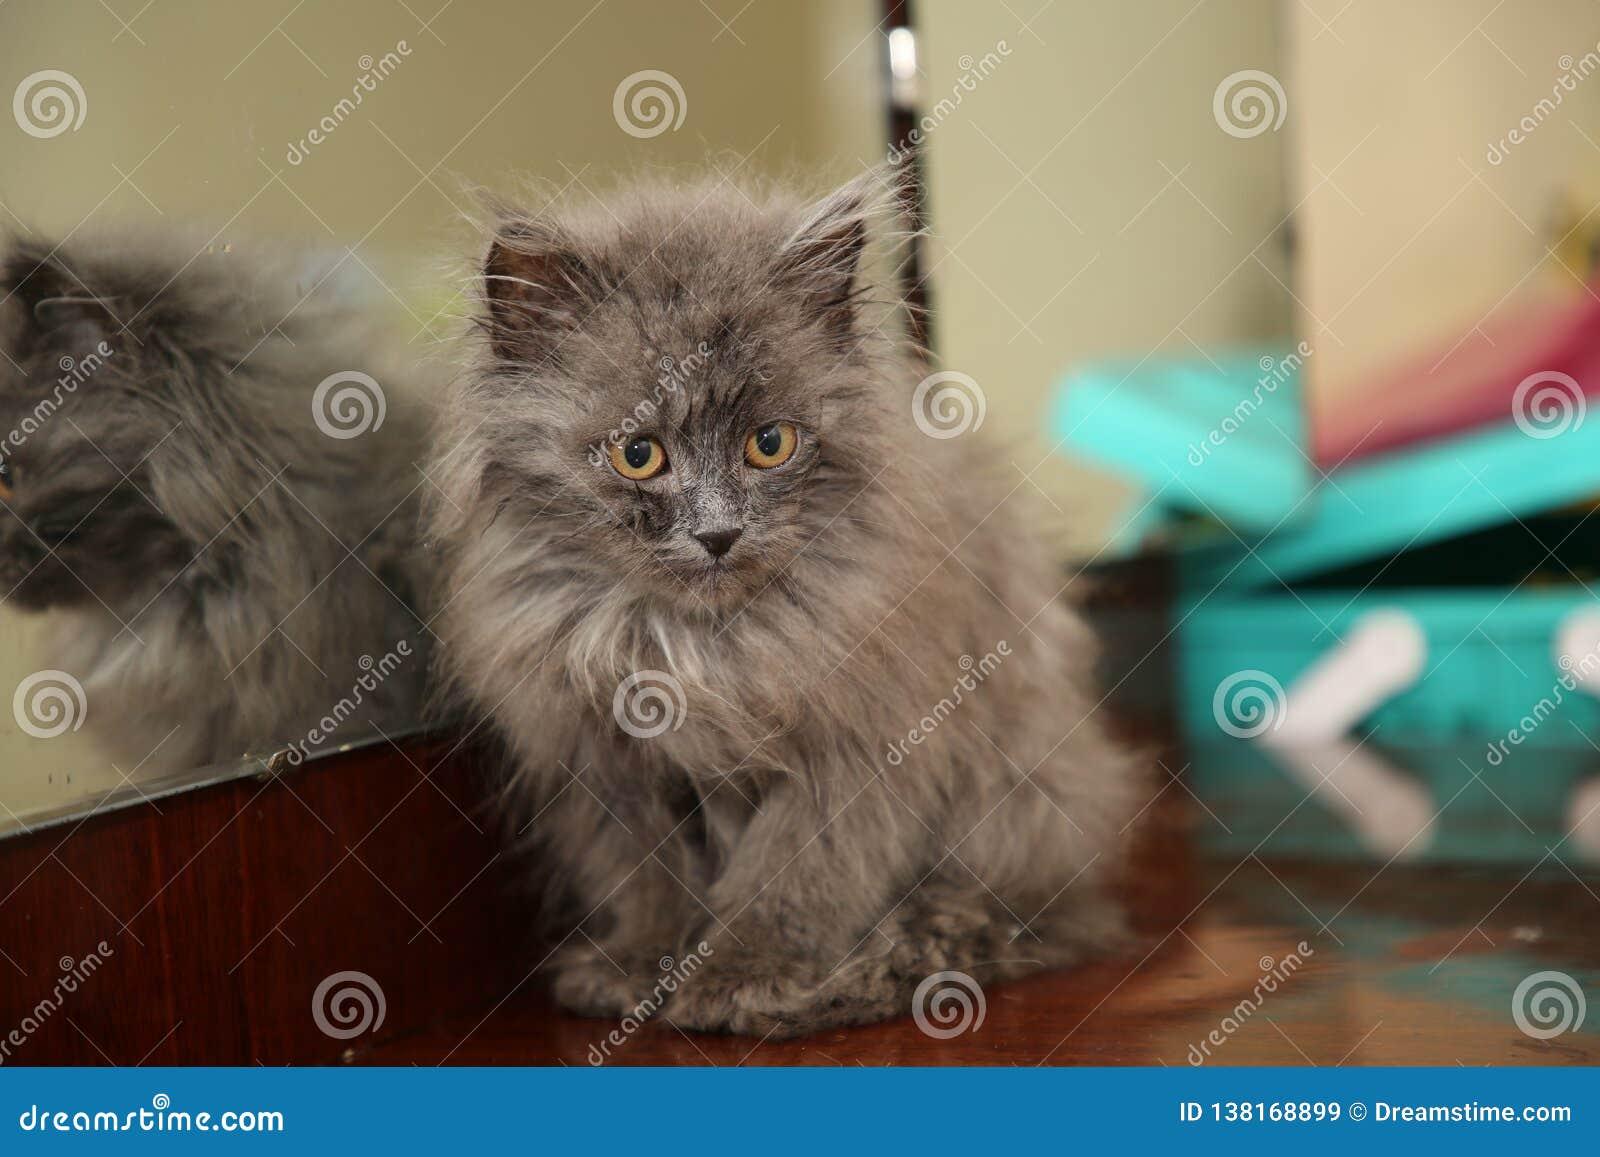 Gattino longhair siberiano blu che si siede vicino allo specchio